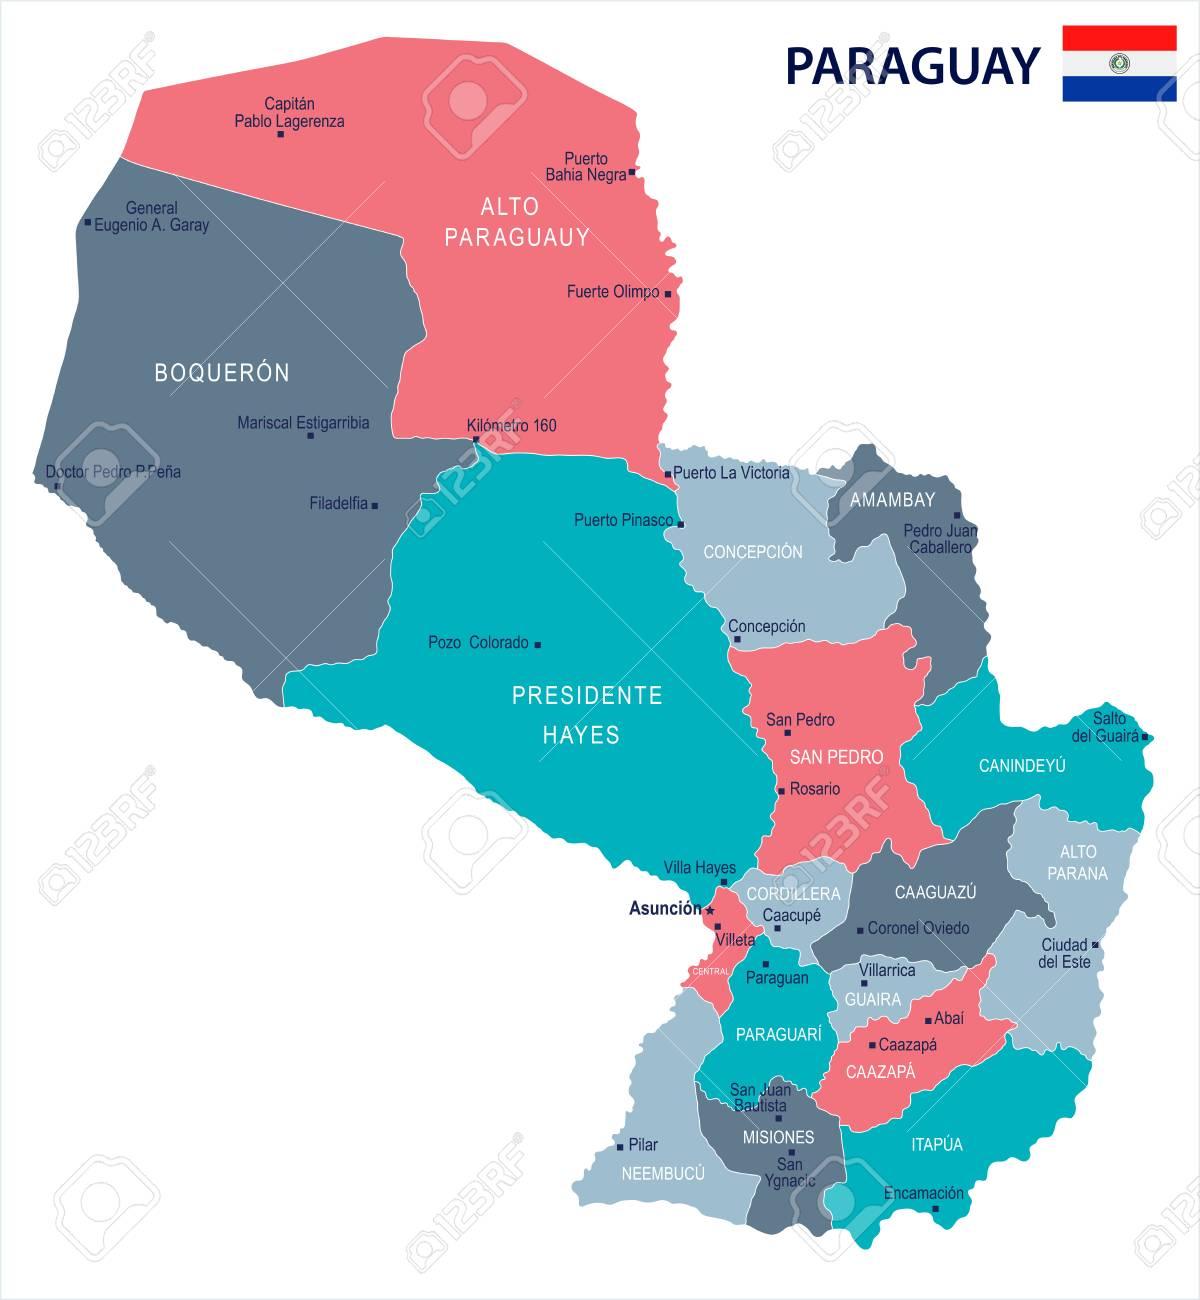 Bildergebnis für paraguay map